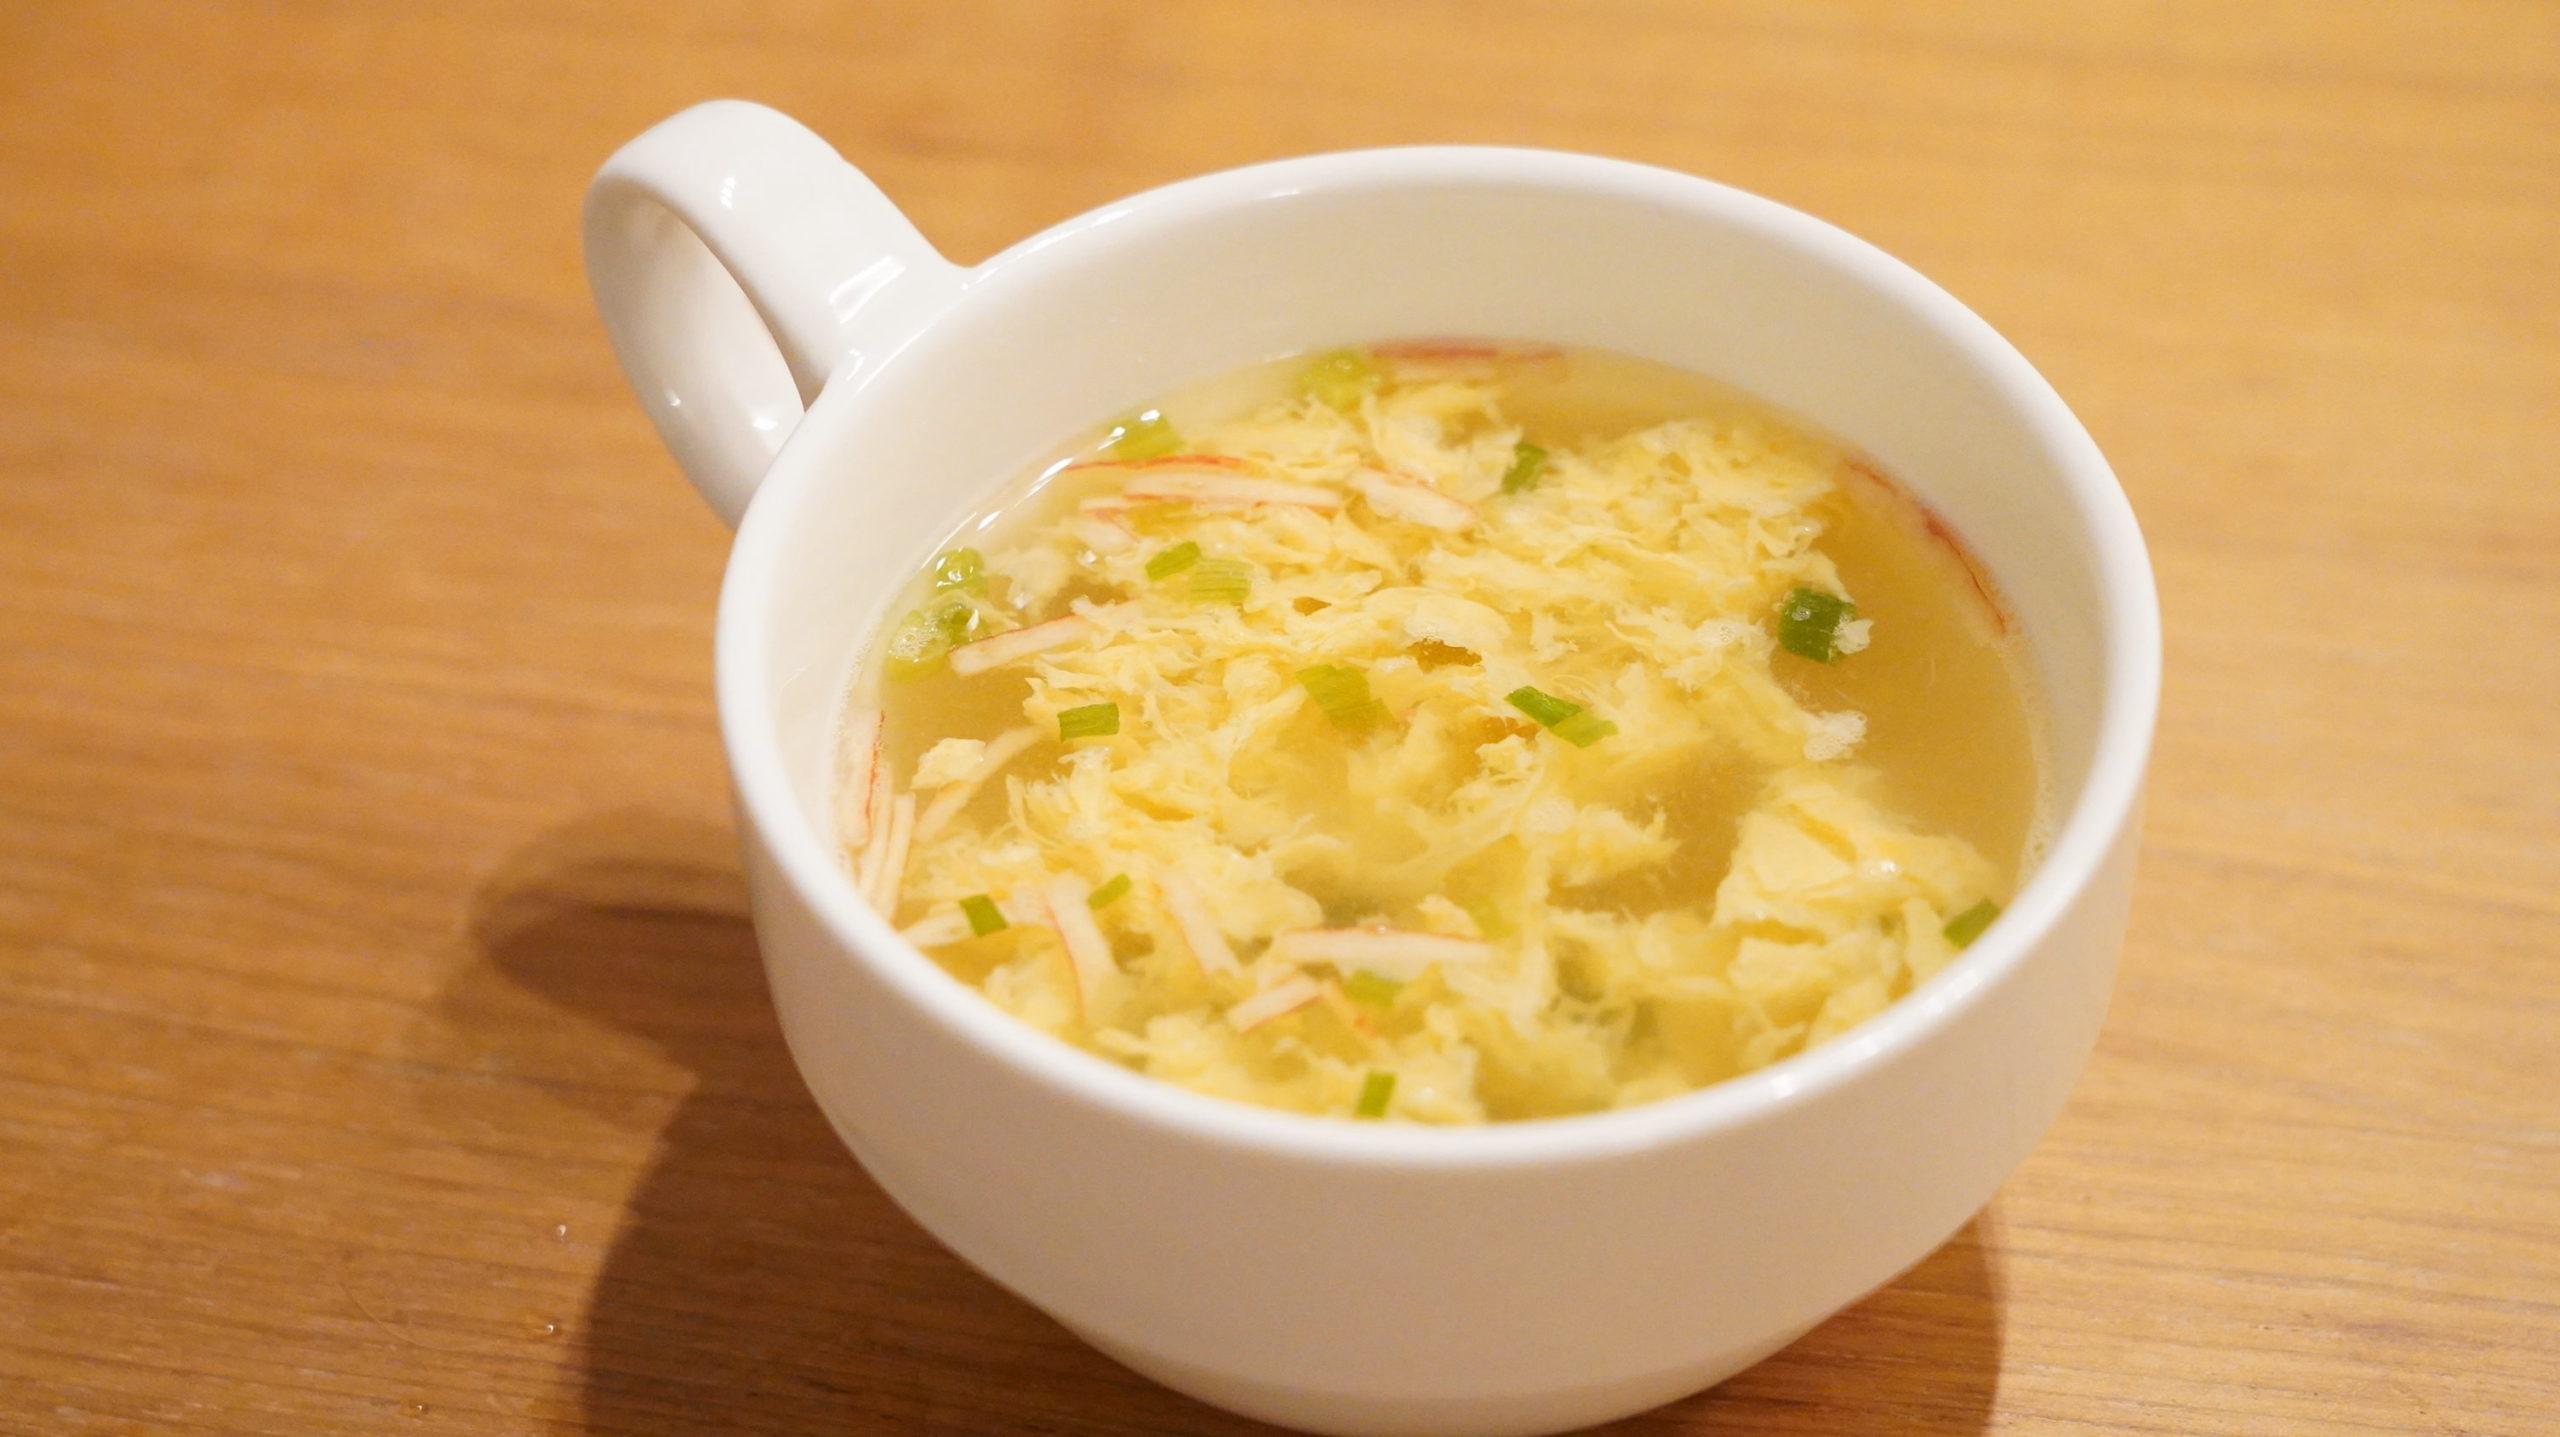 生協の宅配「おうちコープ」のたまごスープの完成写真